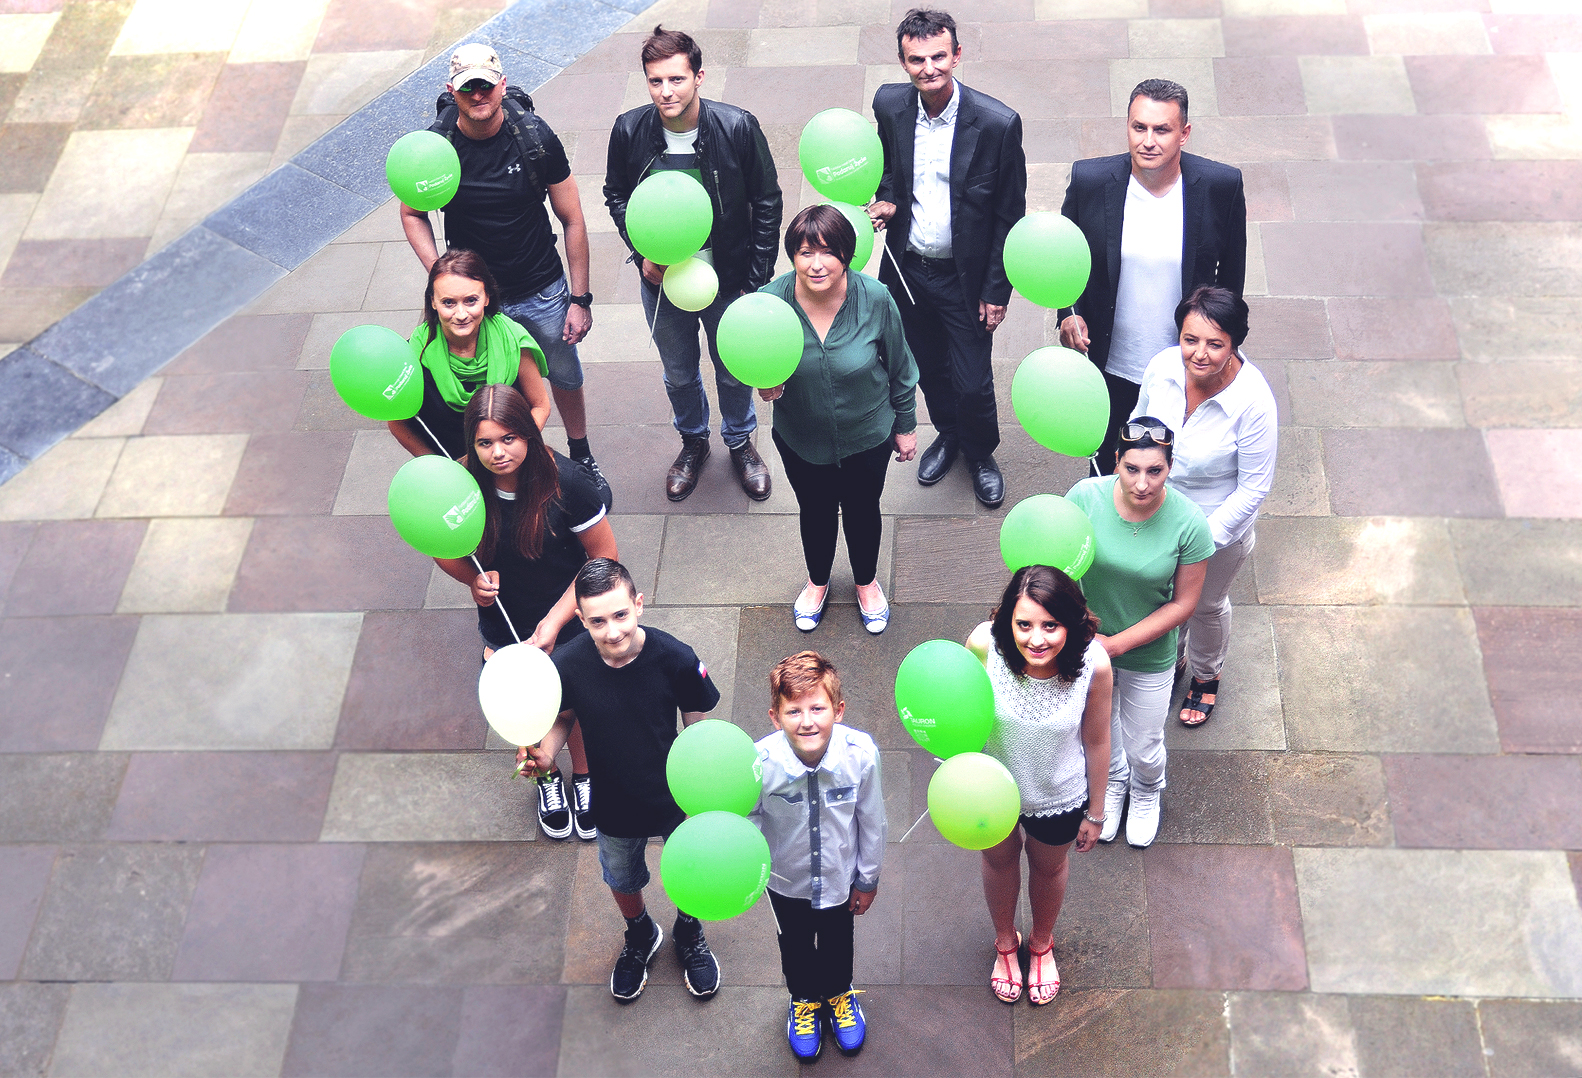 Grupa podopiecznych Fundacji wraz z Urszulą Smok. Osoby ustawione są w kształt serca. W rękach trzymają zielone balony